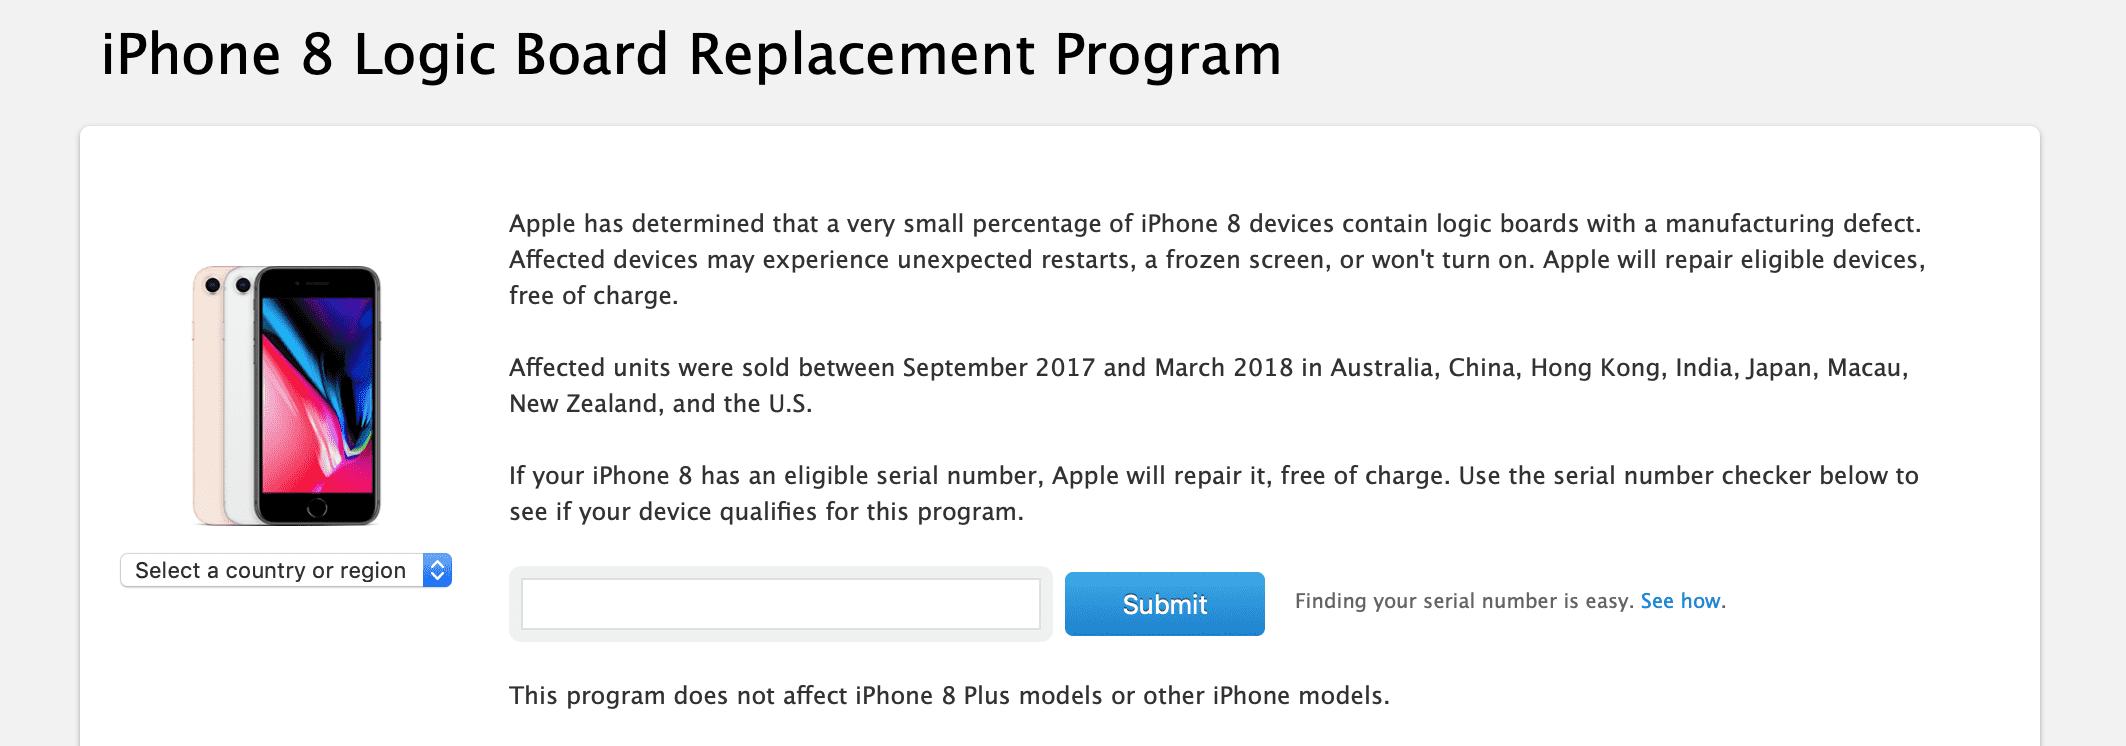 Apple uruchomiło program darmowej wymiany płyty głównej w iPhone 8 polecane, ciekawostki program wymiany płyty głównej, iPhone 8, darmowa wymiana płyty głównej, Apple  W nocy Apple uruchomiło kolejny już program naprawczy. Tym razem skierowany jest on do właścicieli iPhone?ów 8, którzy zakupili swoje iUrządzenia w okresie od września 2017 do marca 2018. iPHone8 plyta